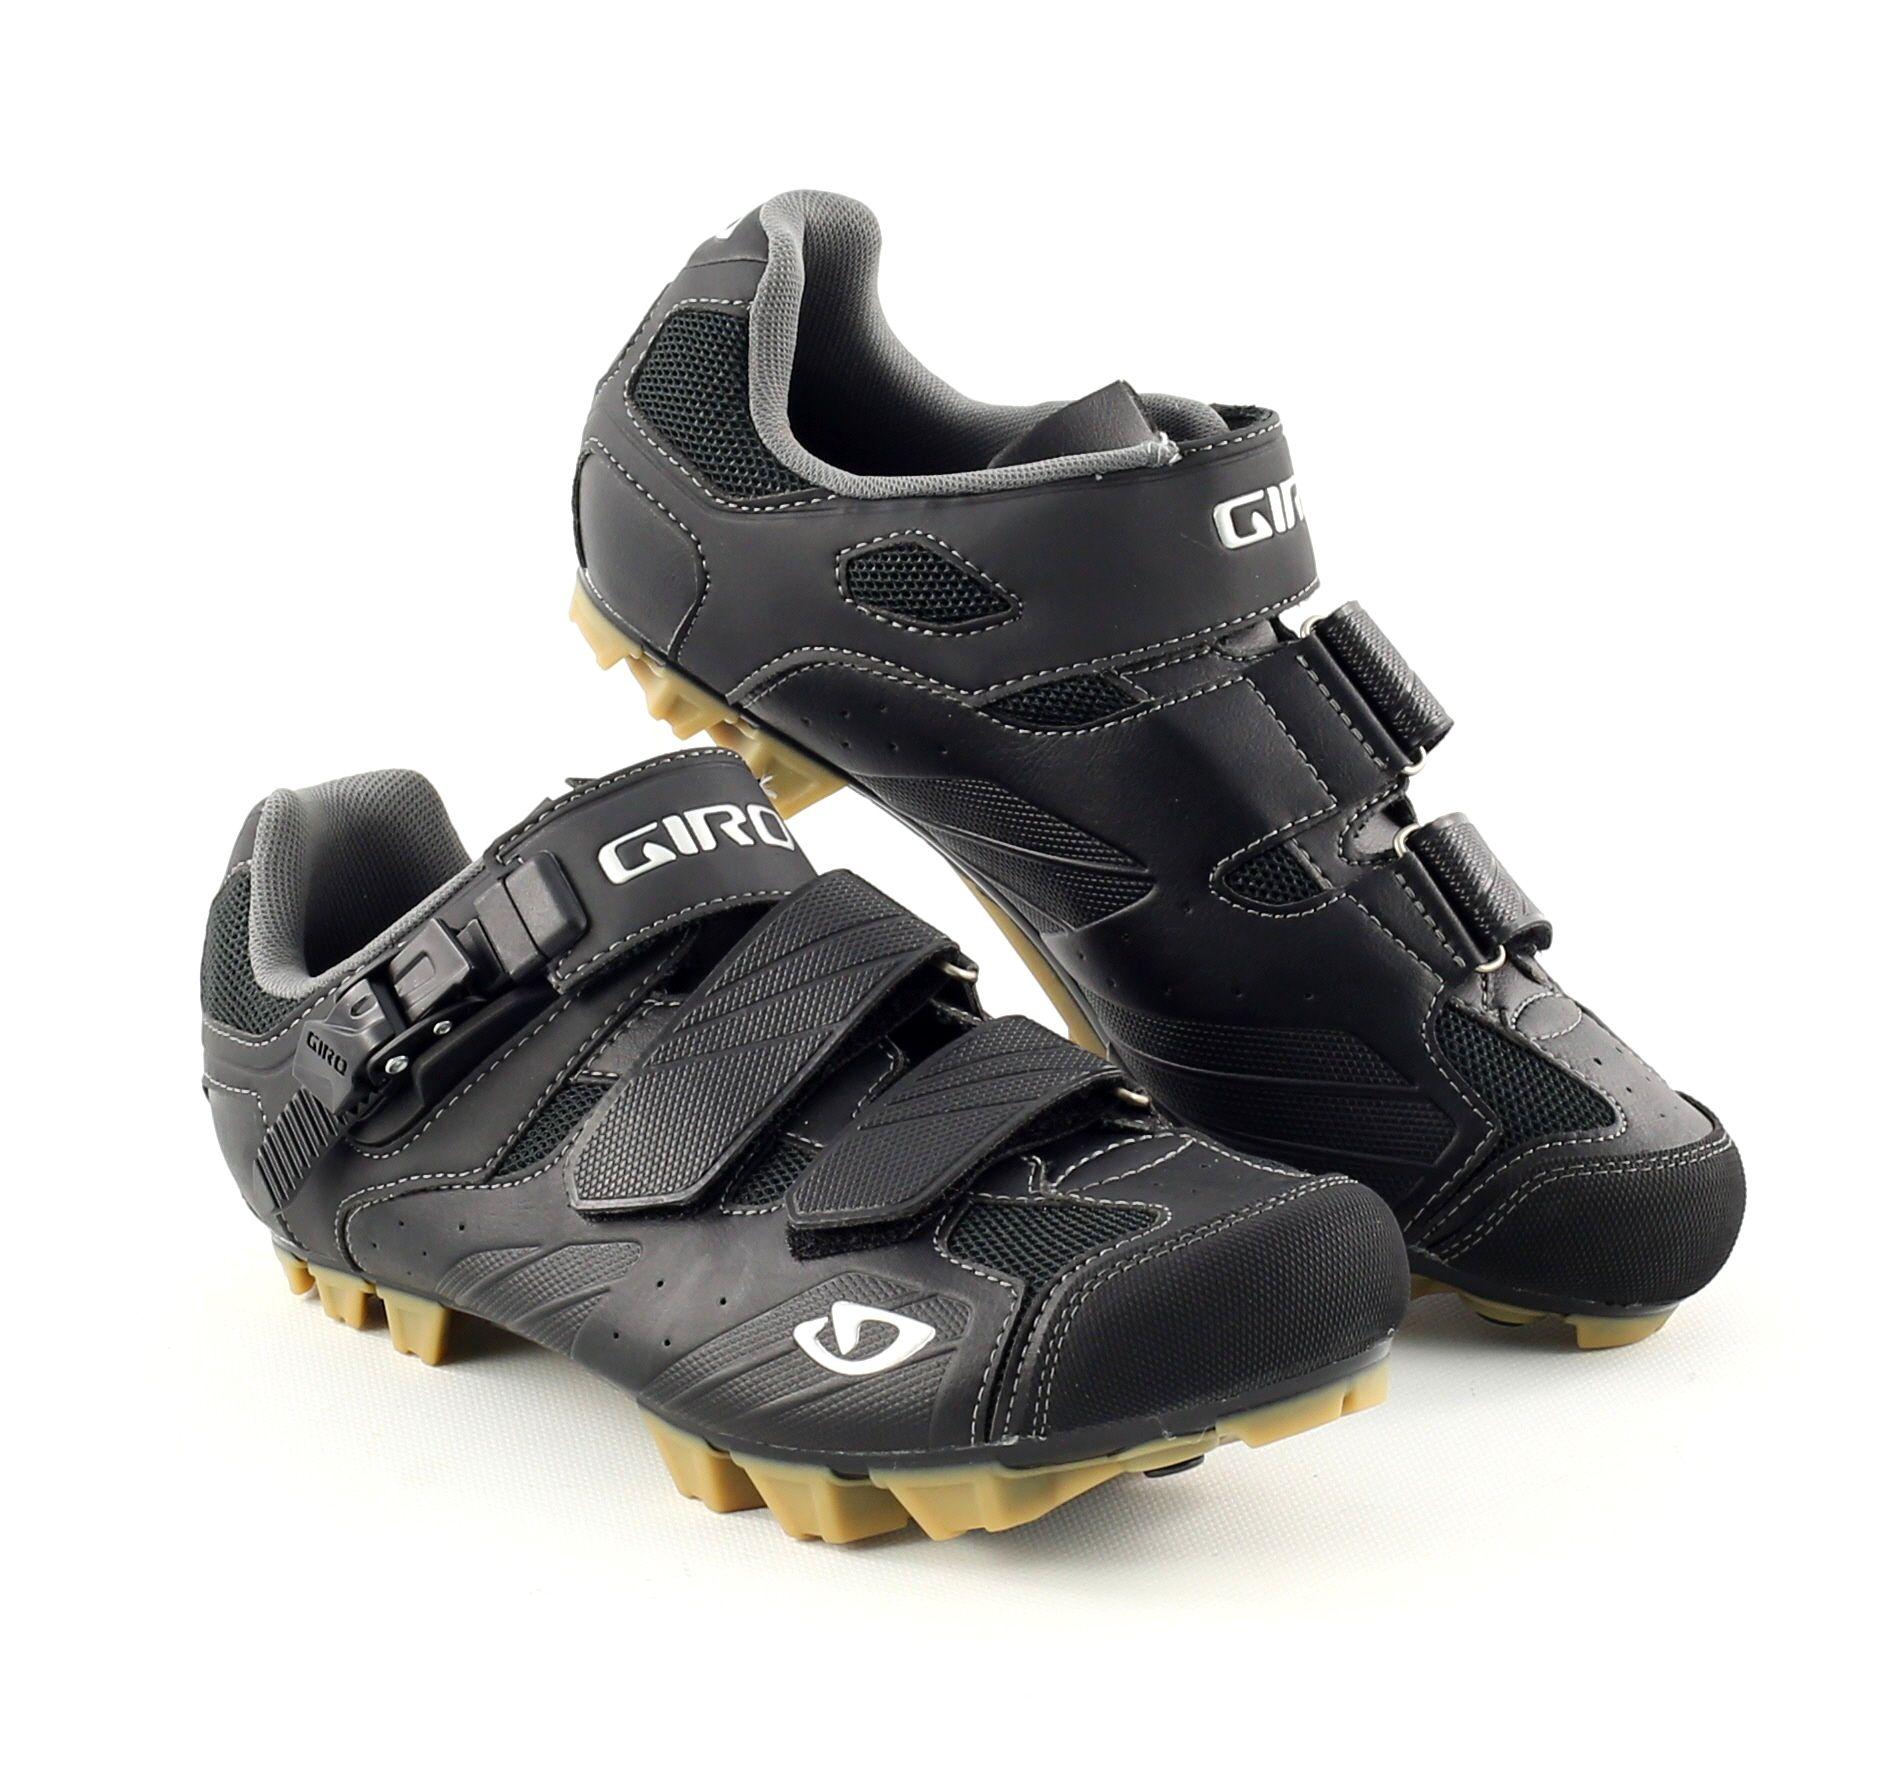 Chaussures VTT Giro Privateer HV Noir/Gum - 44